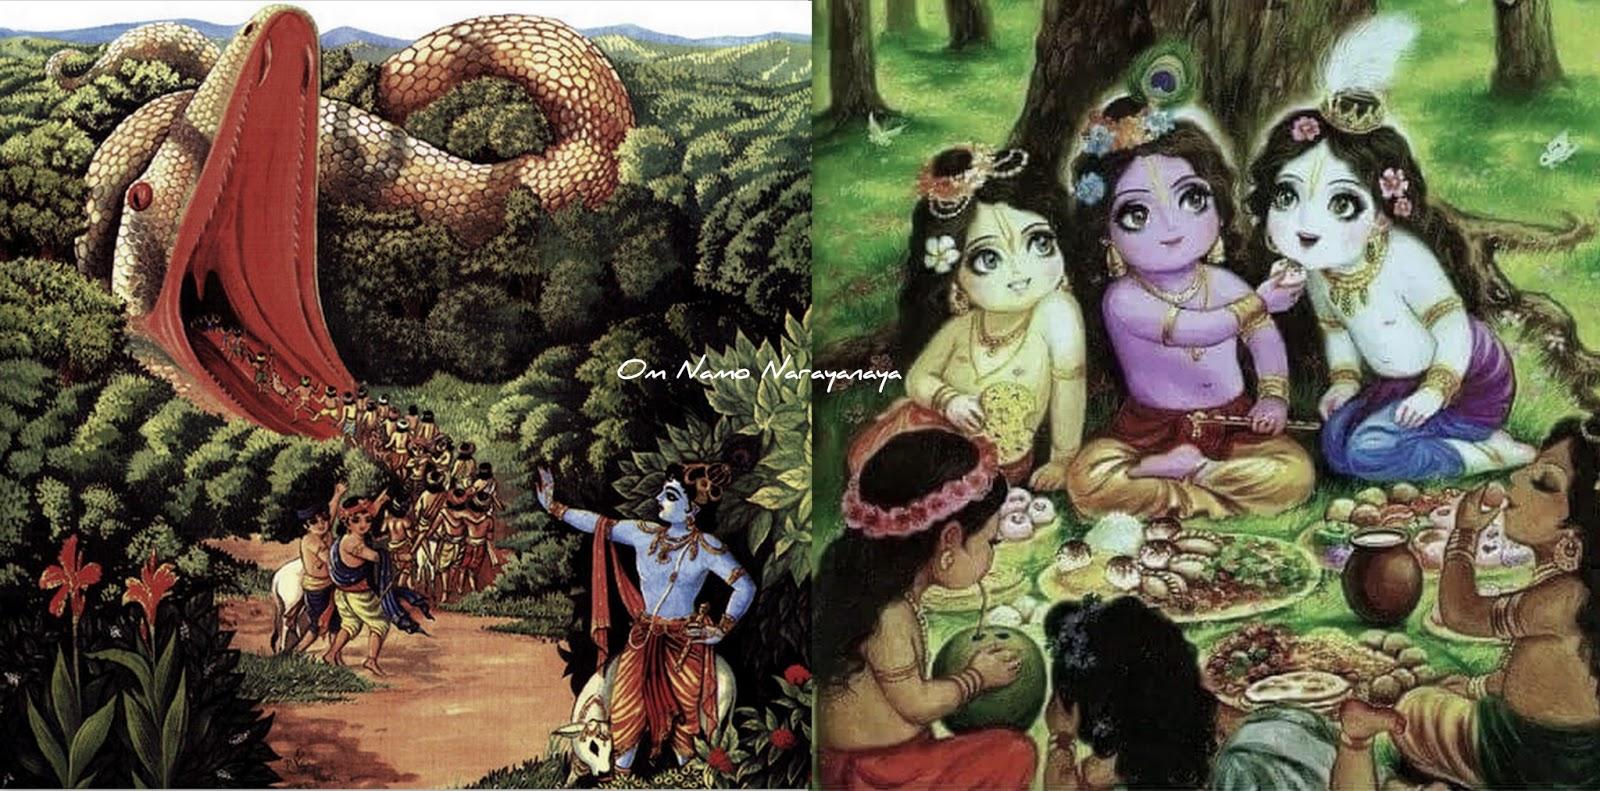 கண்ணன் கதைகள் (39) - அகாசுர வதம், கண்ணன் கதைகள், குருவாயூரப்பன் கதைகள்,